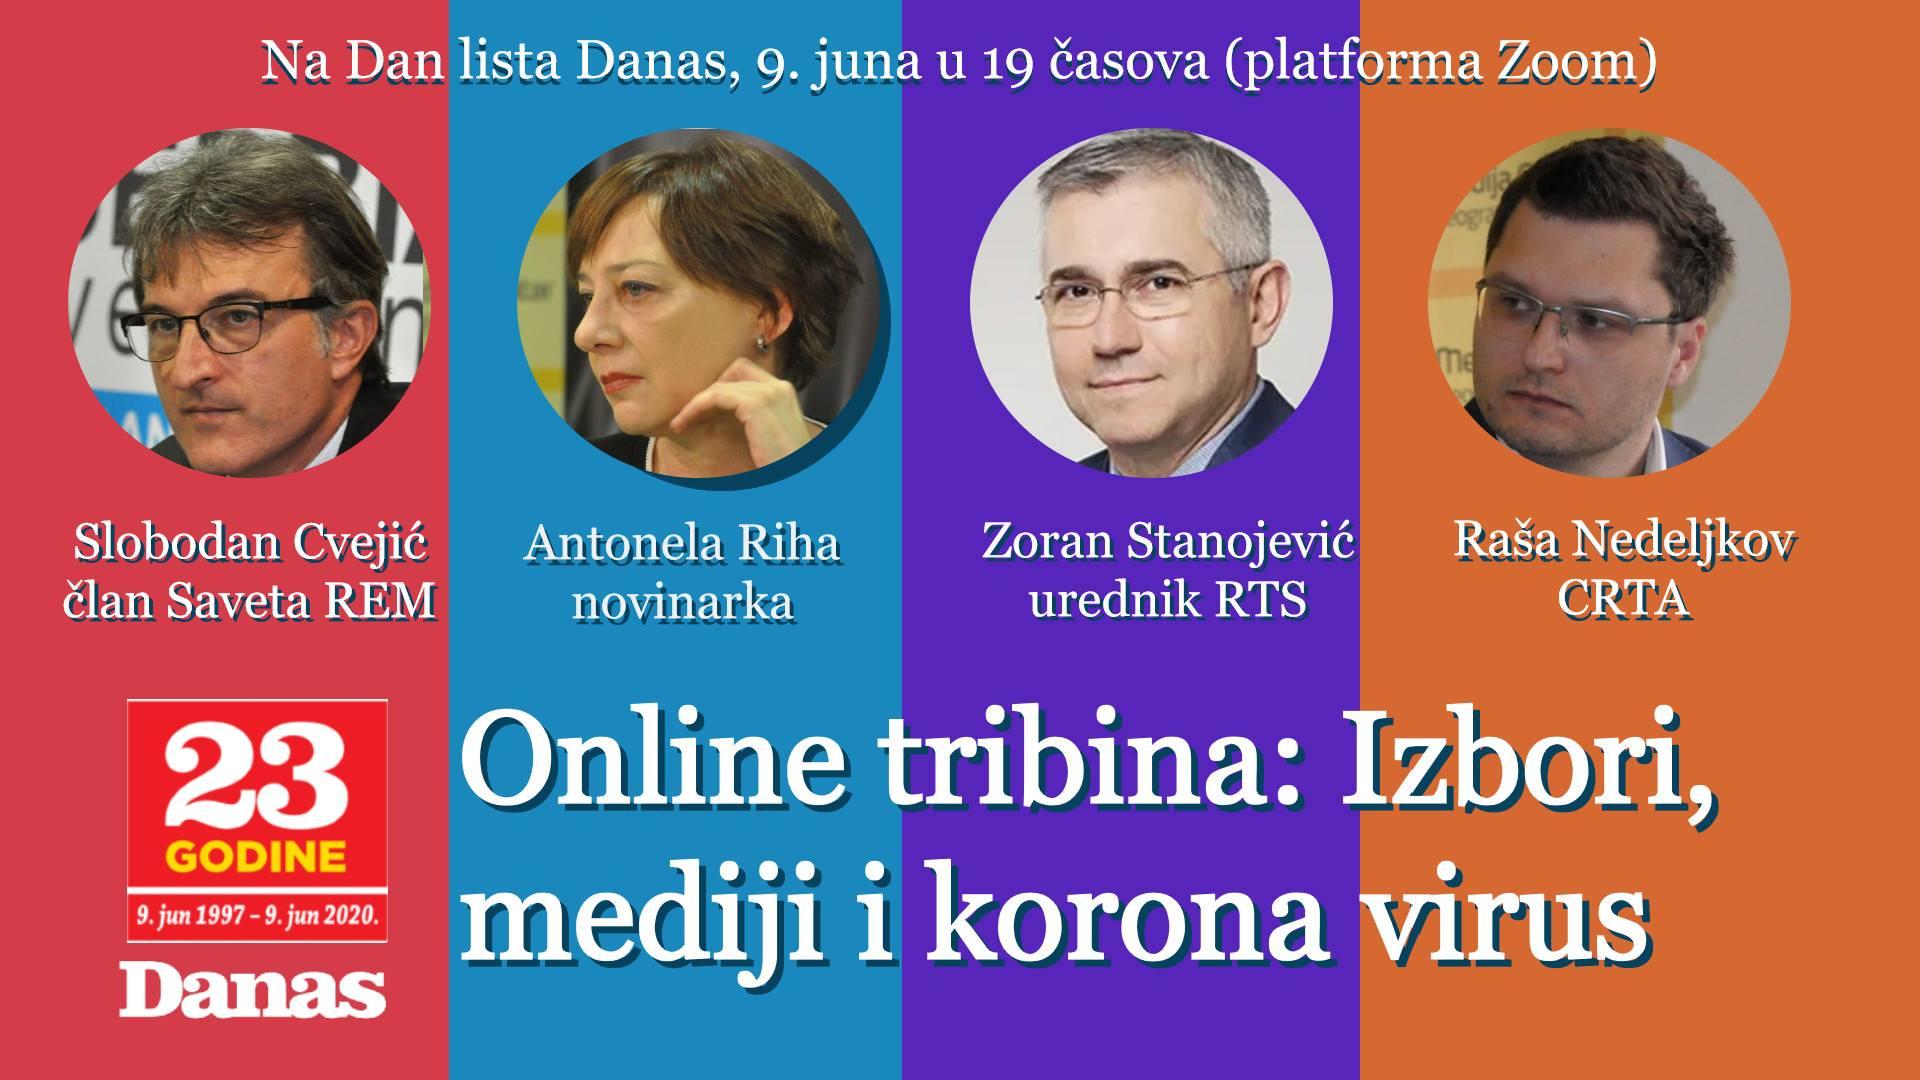 """Online tribina """"Izbori, mediji i korona"""" 9. juna 1"""